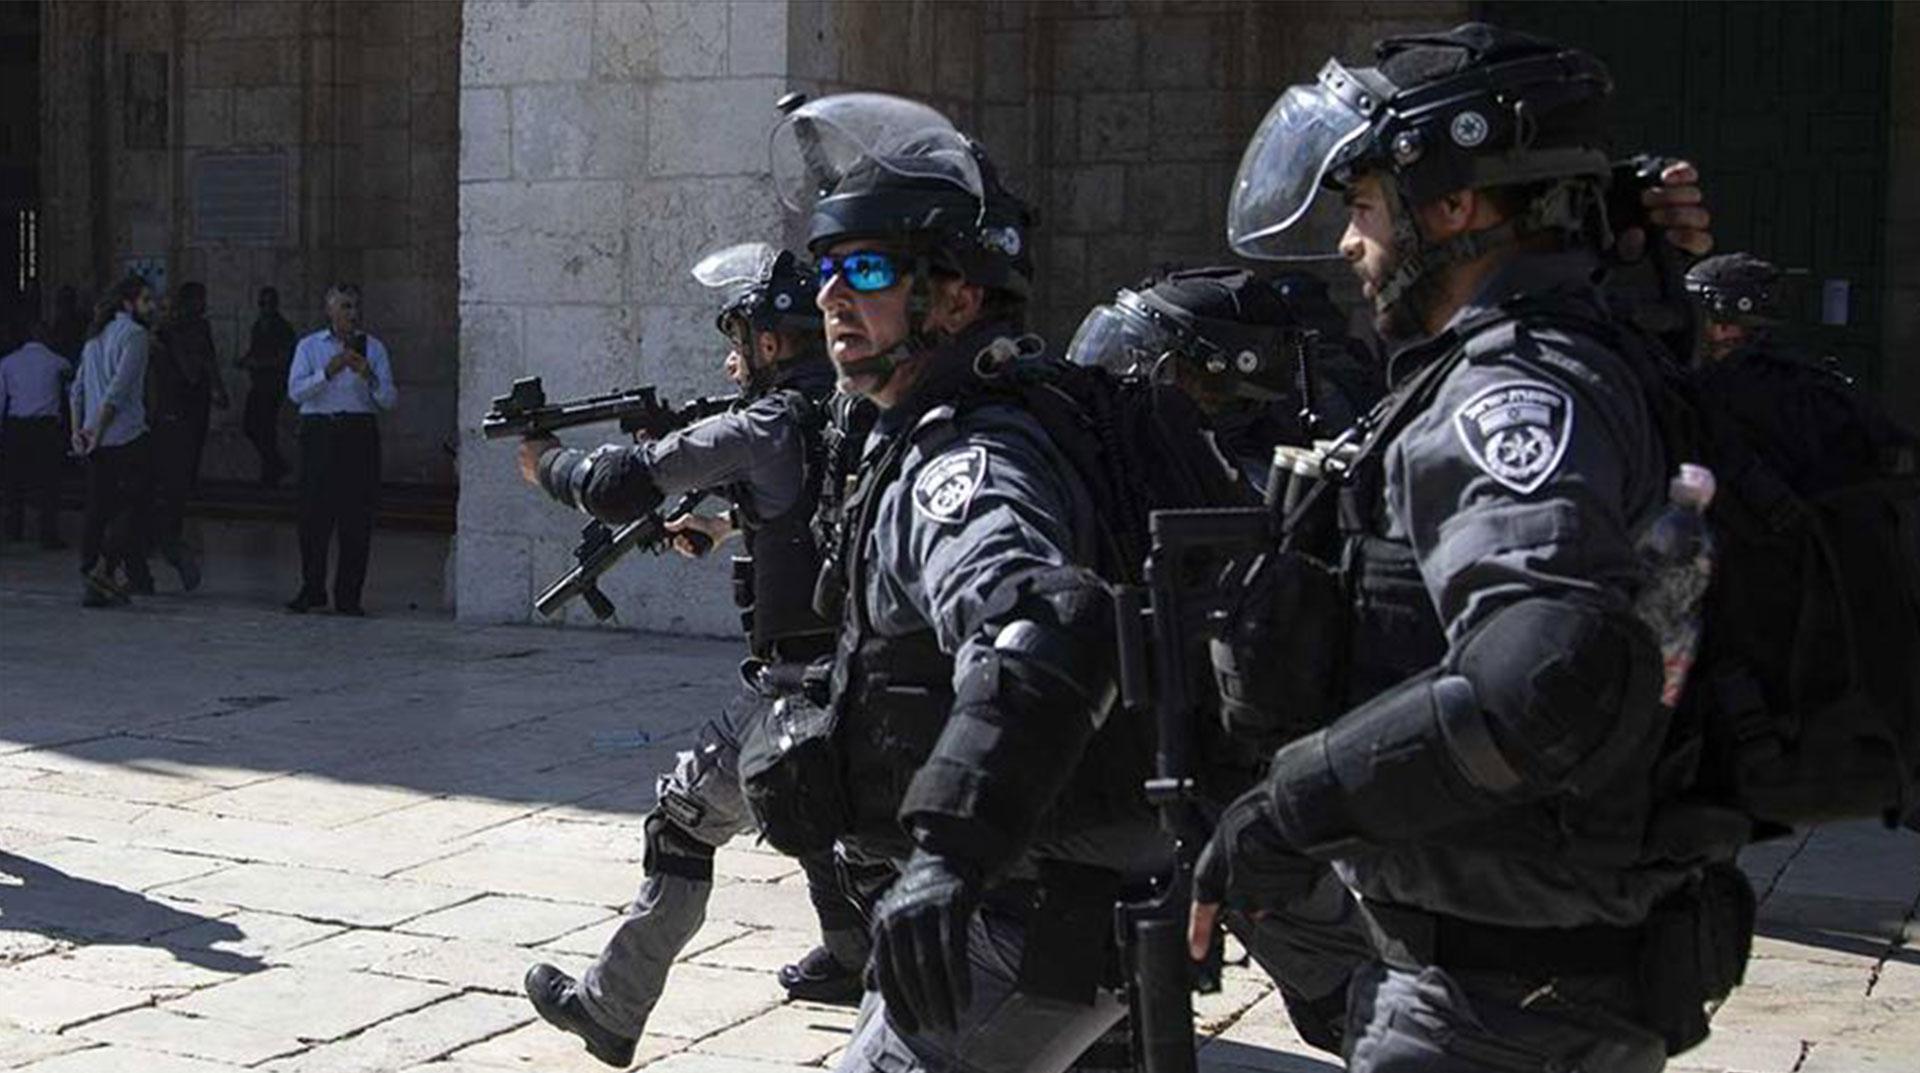 İşgal Yönetimi 10 Filistinliyi Gözaltına Aldı